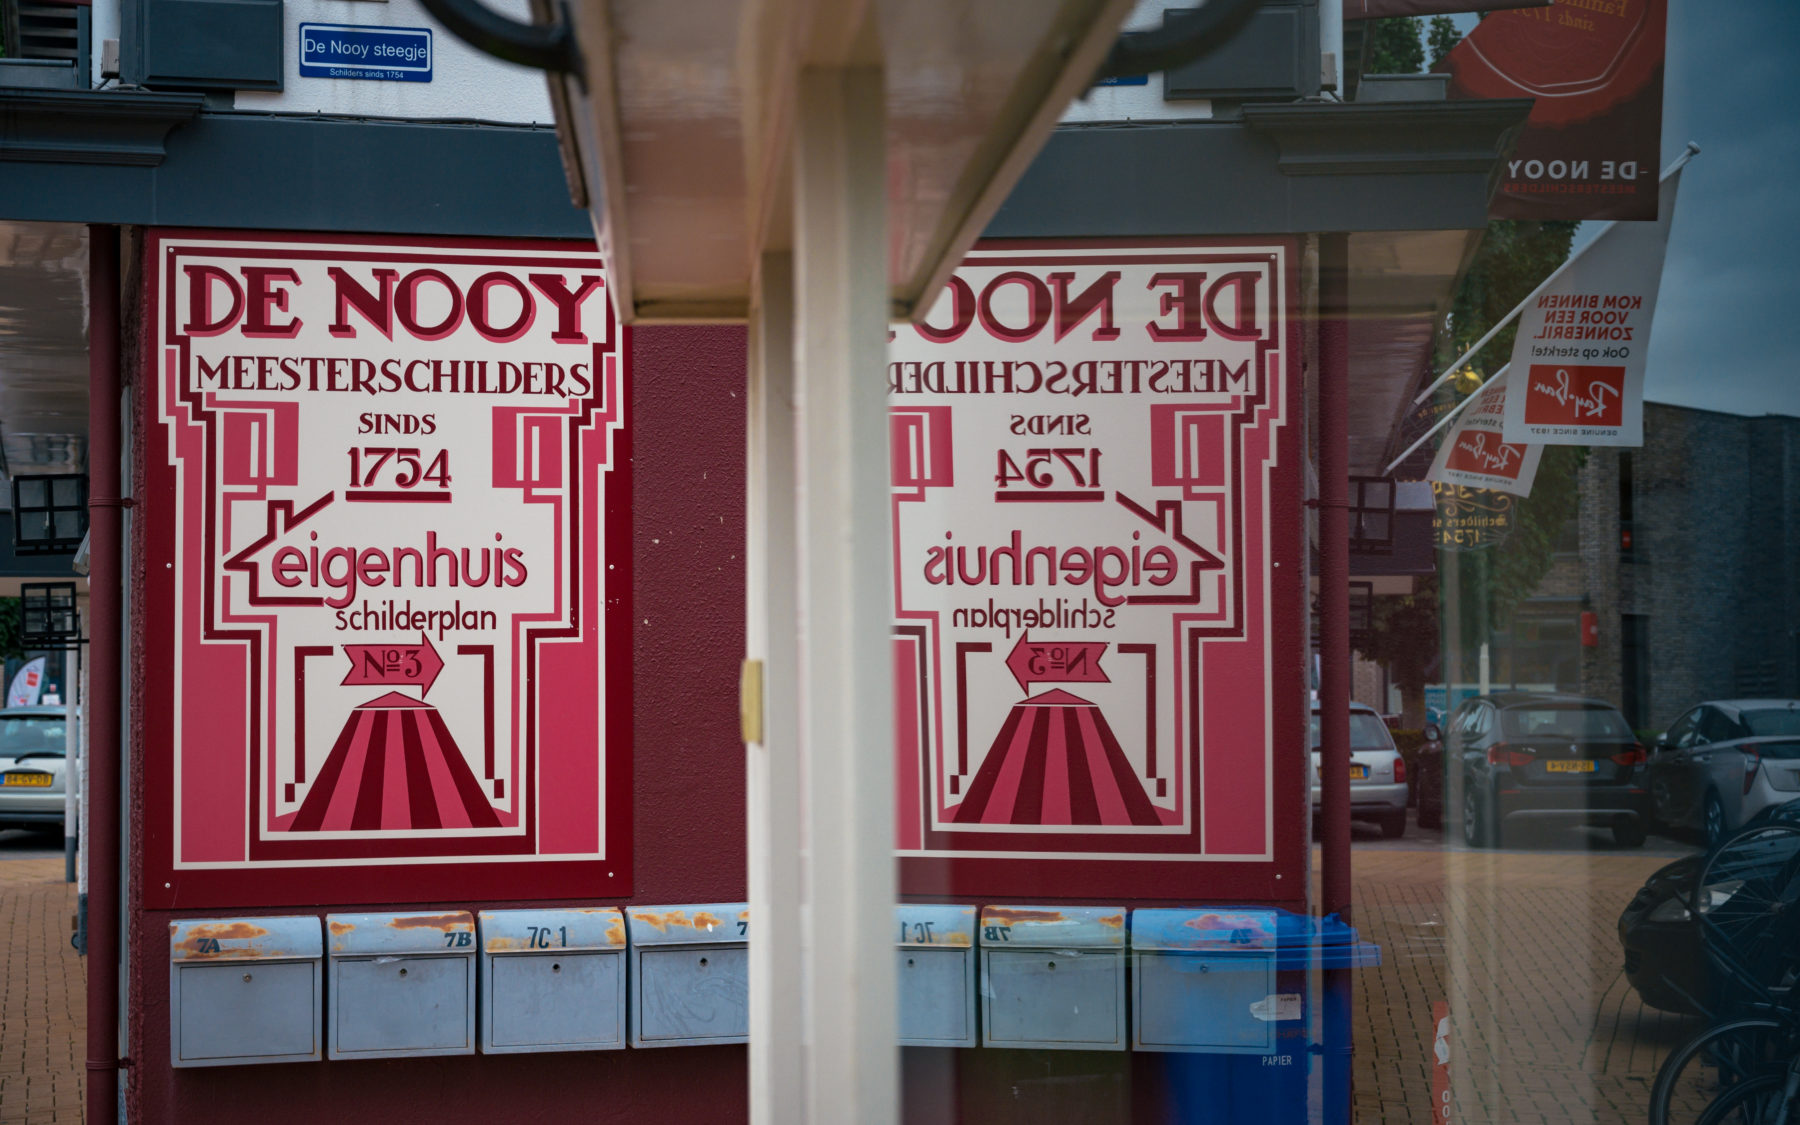 Garantie op schilderwerk Eigenhuis Schilderplan